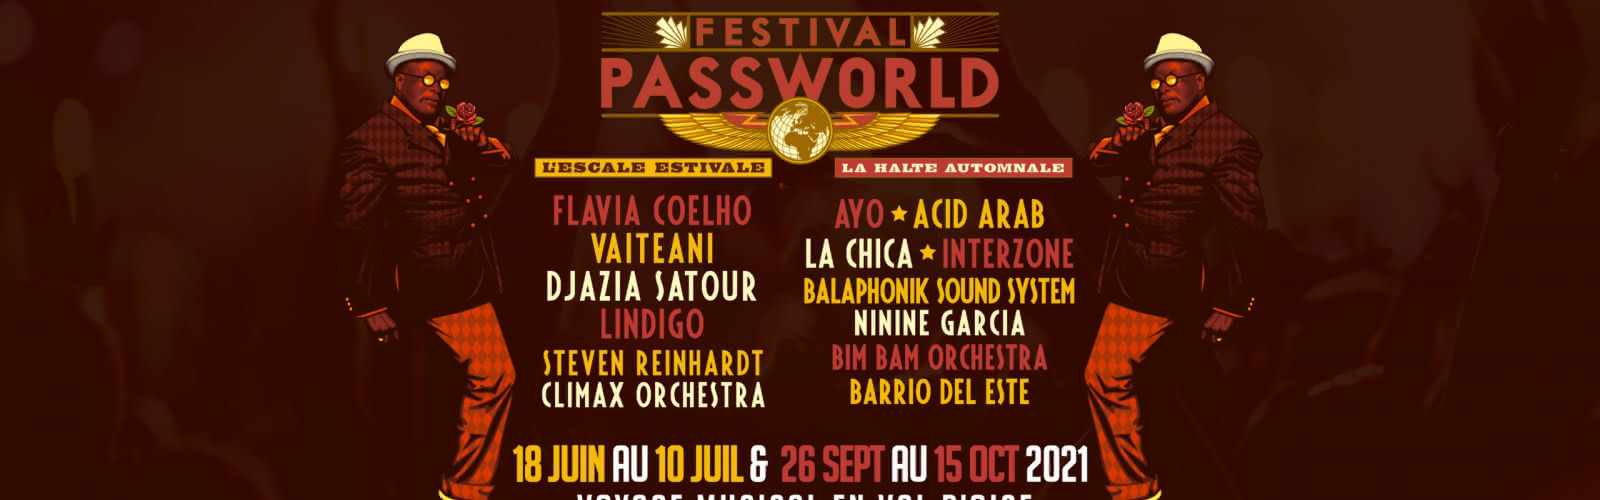 Visuel Festival PassWorld